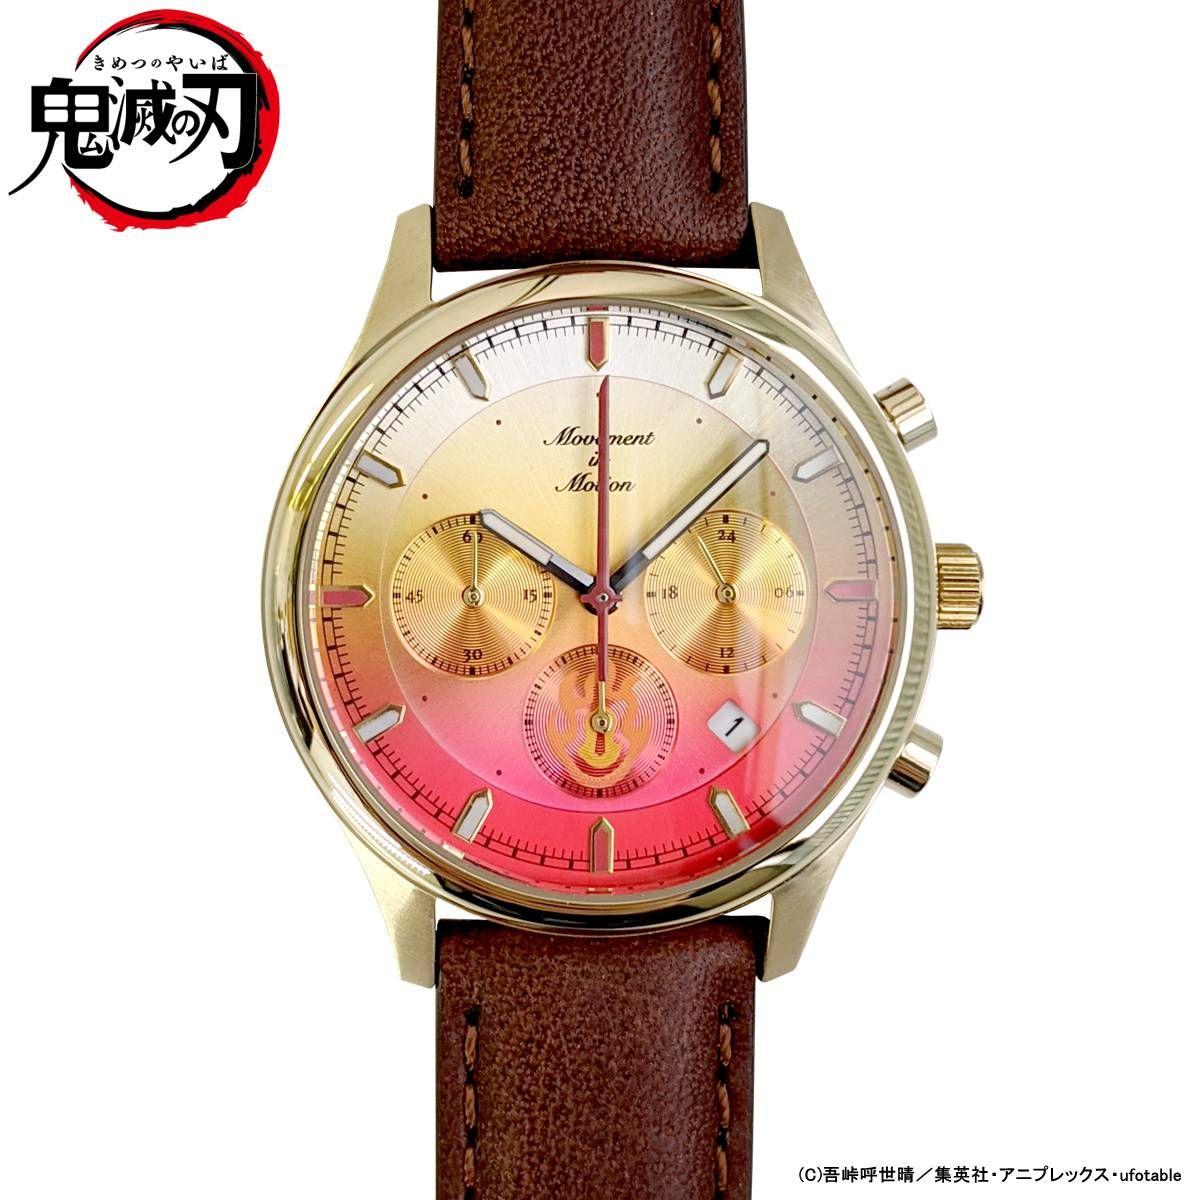 【限定販売】鬼滅の刃『TiCTACコラボレーションデザインウォッチ』腕時計-007